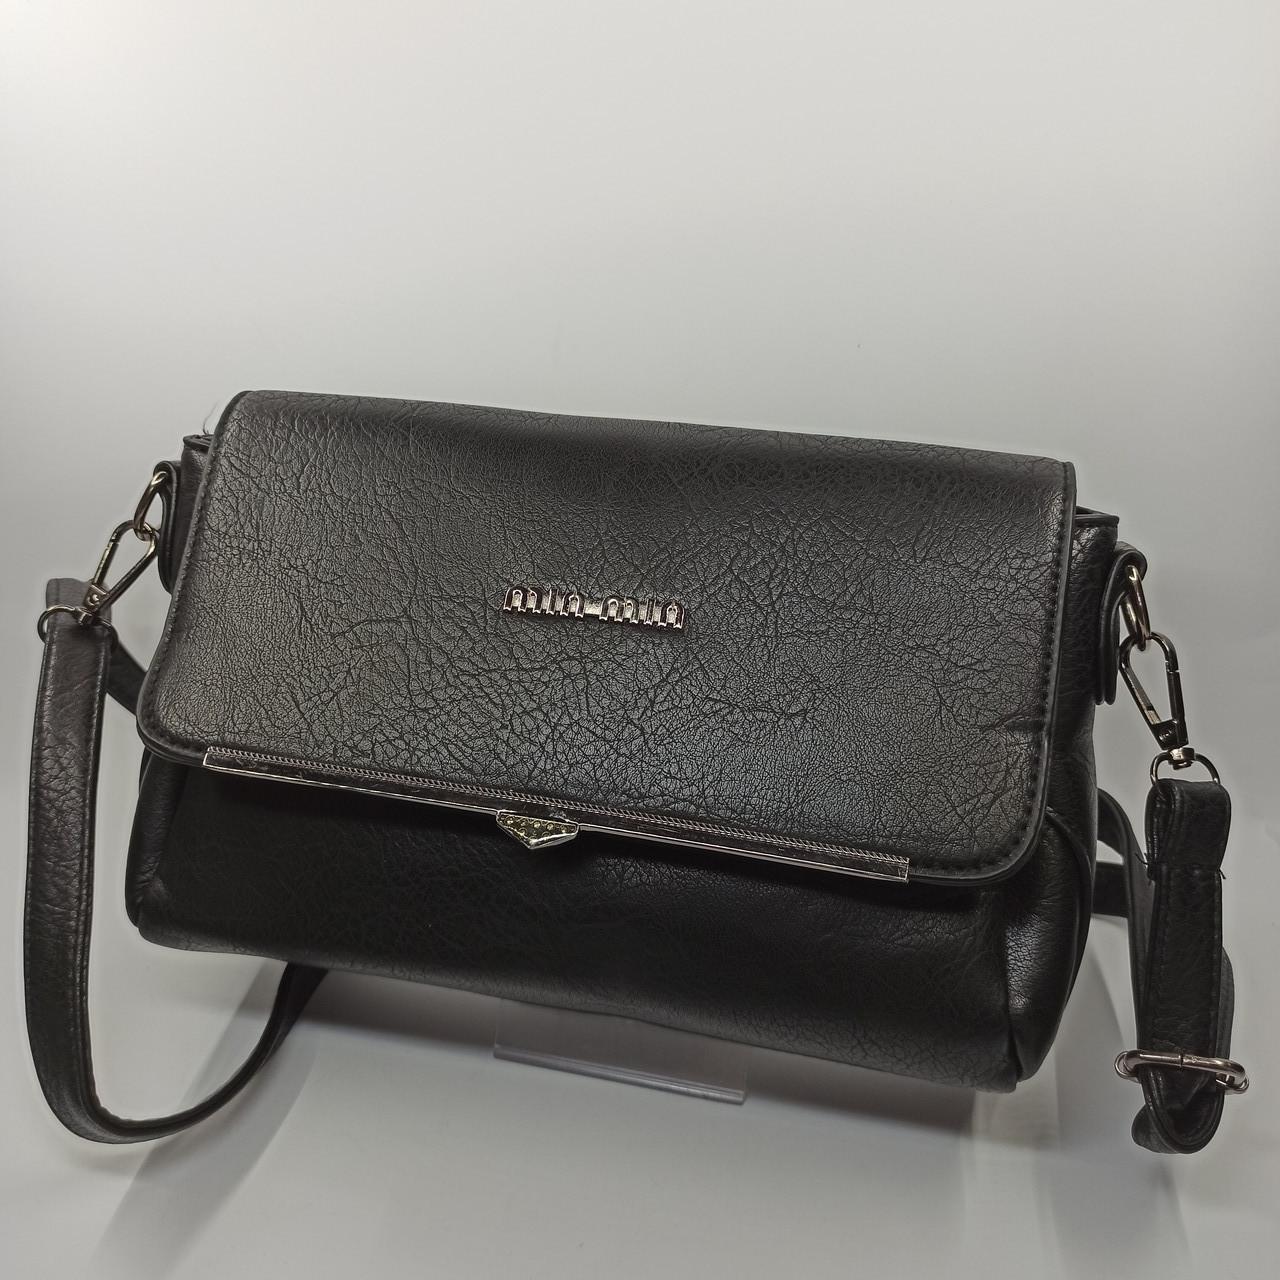 Жіноча сумка плншетка клатч / Женская сумка планшетка клатч ZL-303